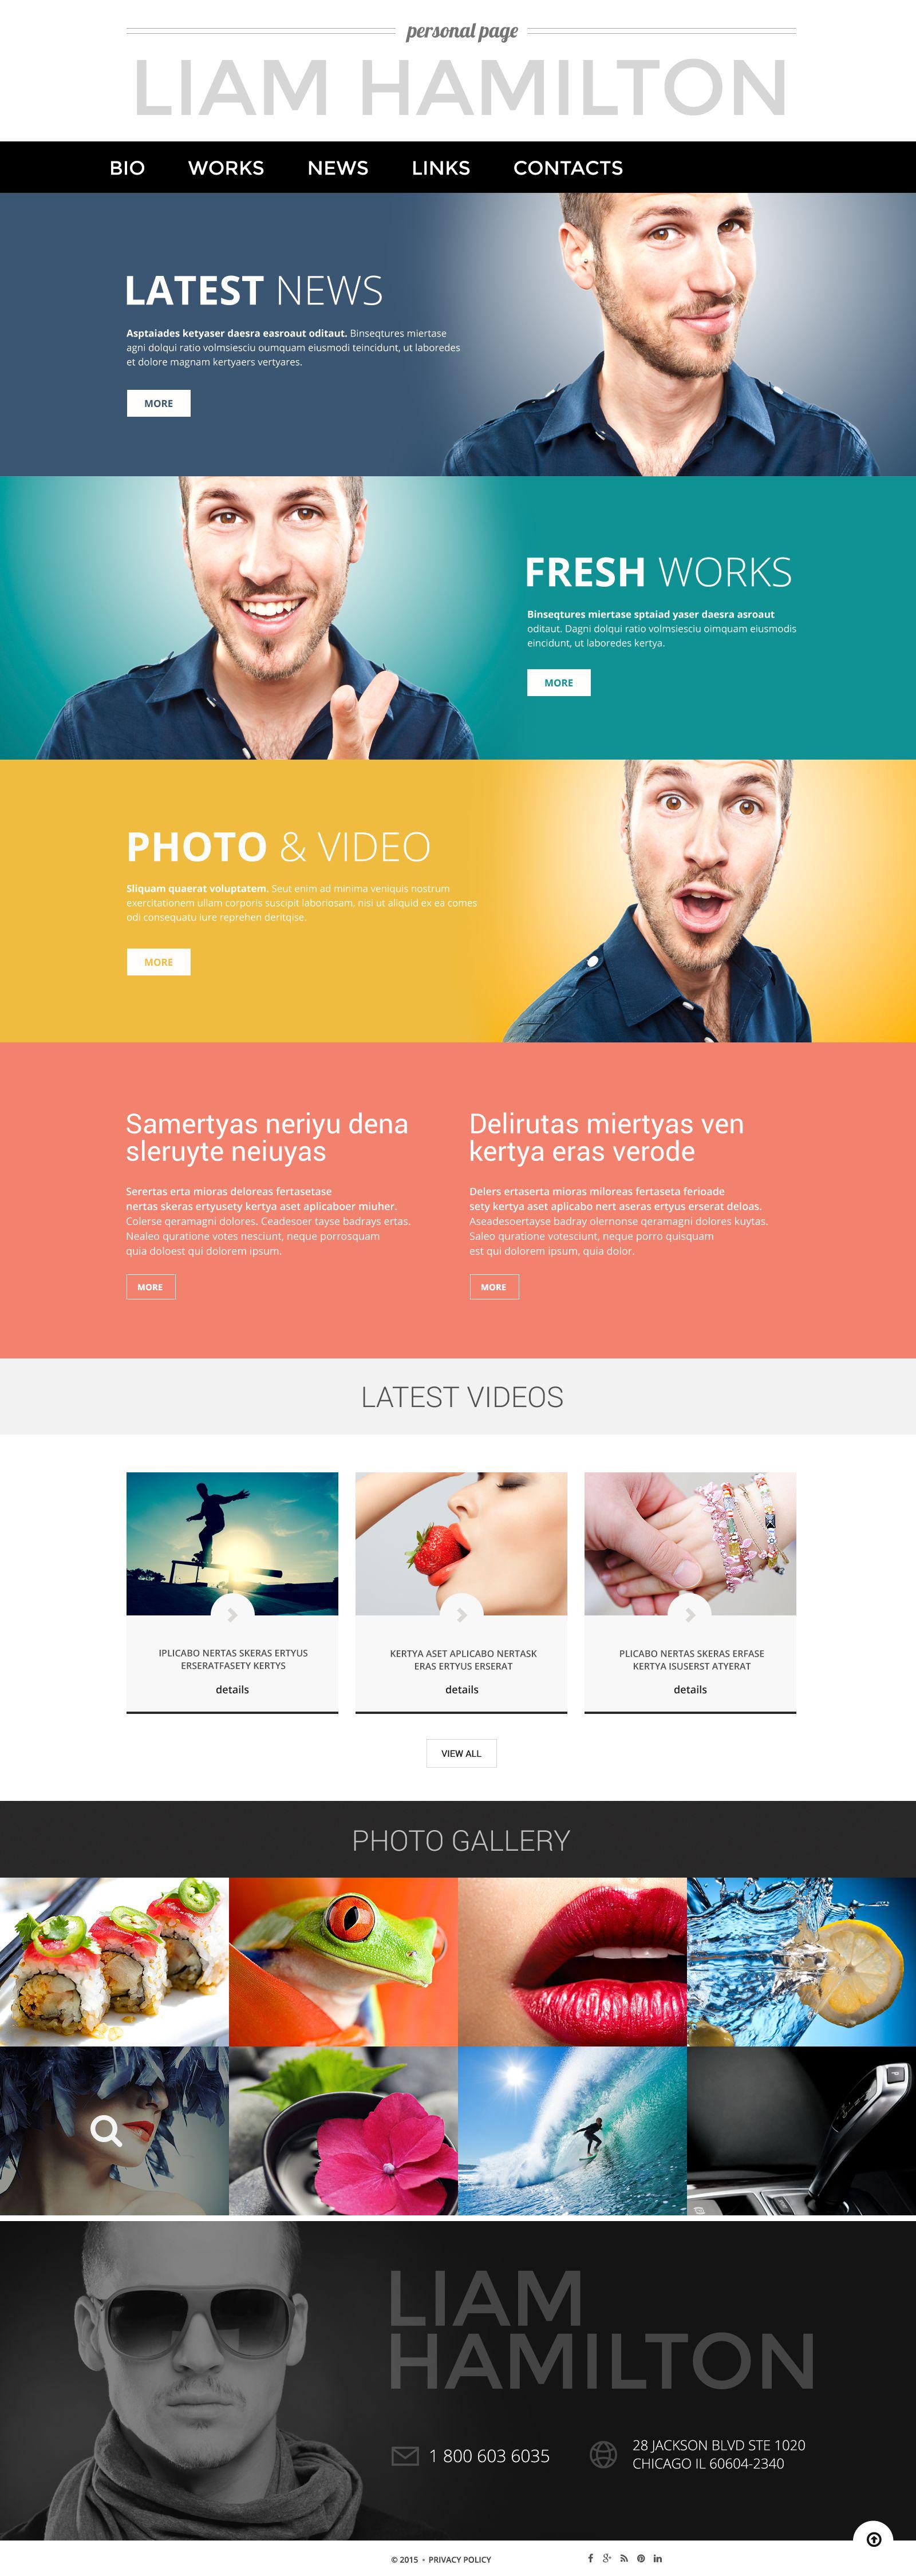 Reszponzív Personal Page WordPress sablon 53390 - képernyőkép